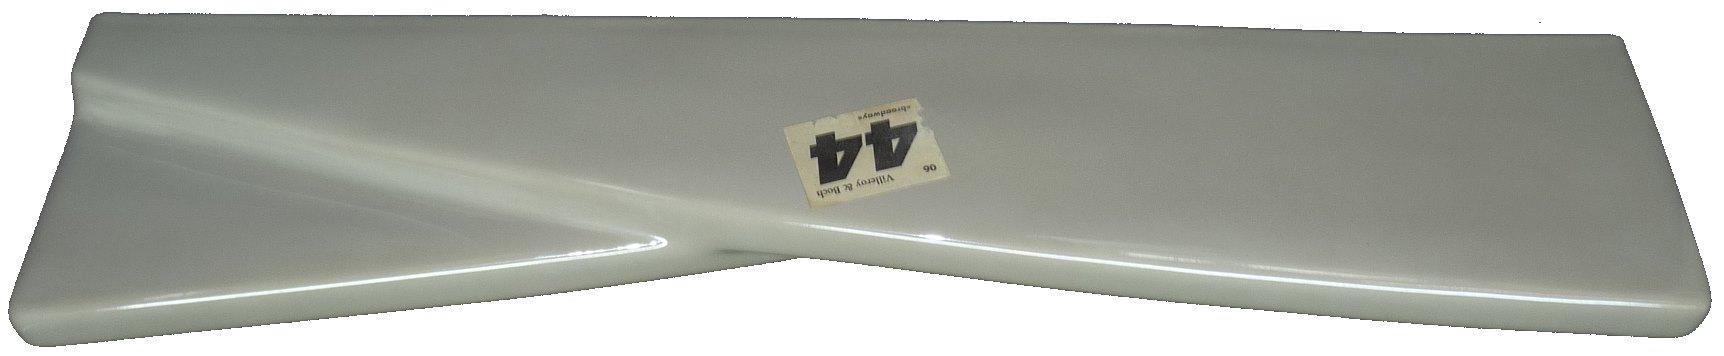 broadway Ablage 70x15 Villeroy und Boch HELIOS Bild 1